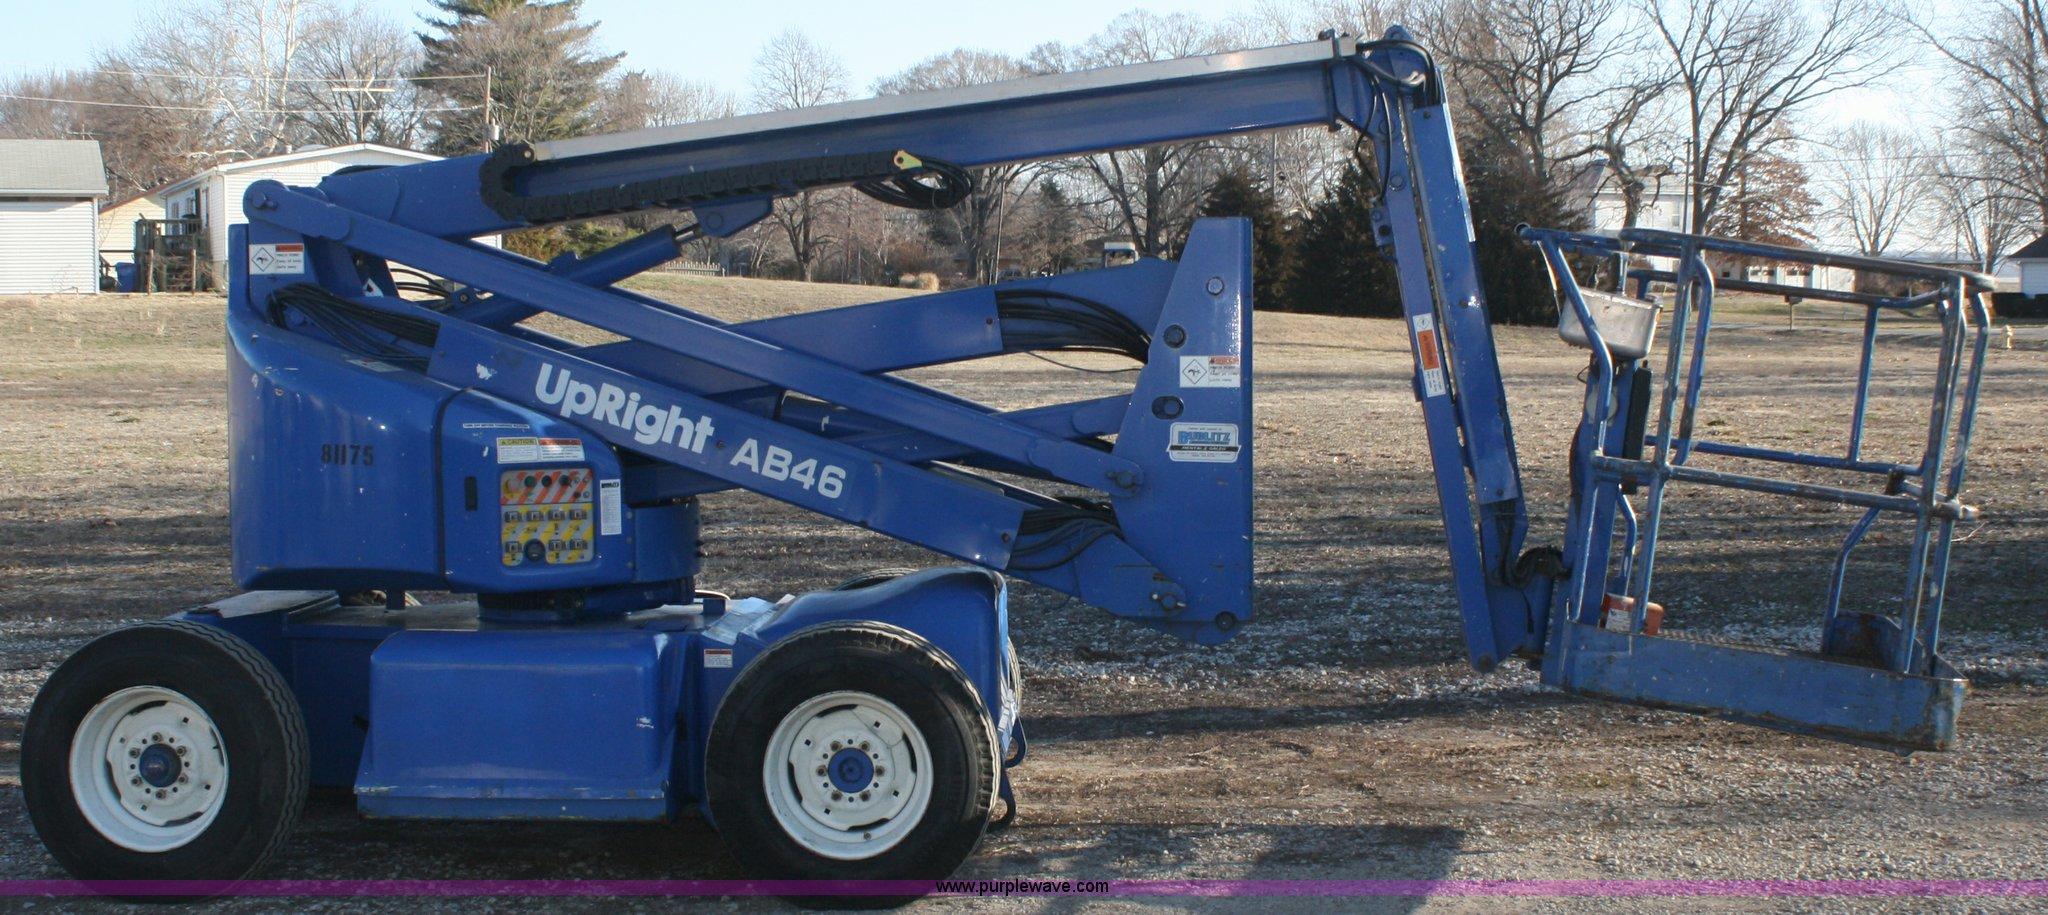 1999 upright ab46 boom lift item f2561 sold april 11 co rh purplewave com